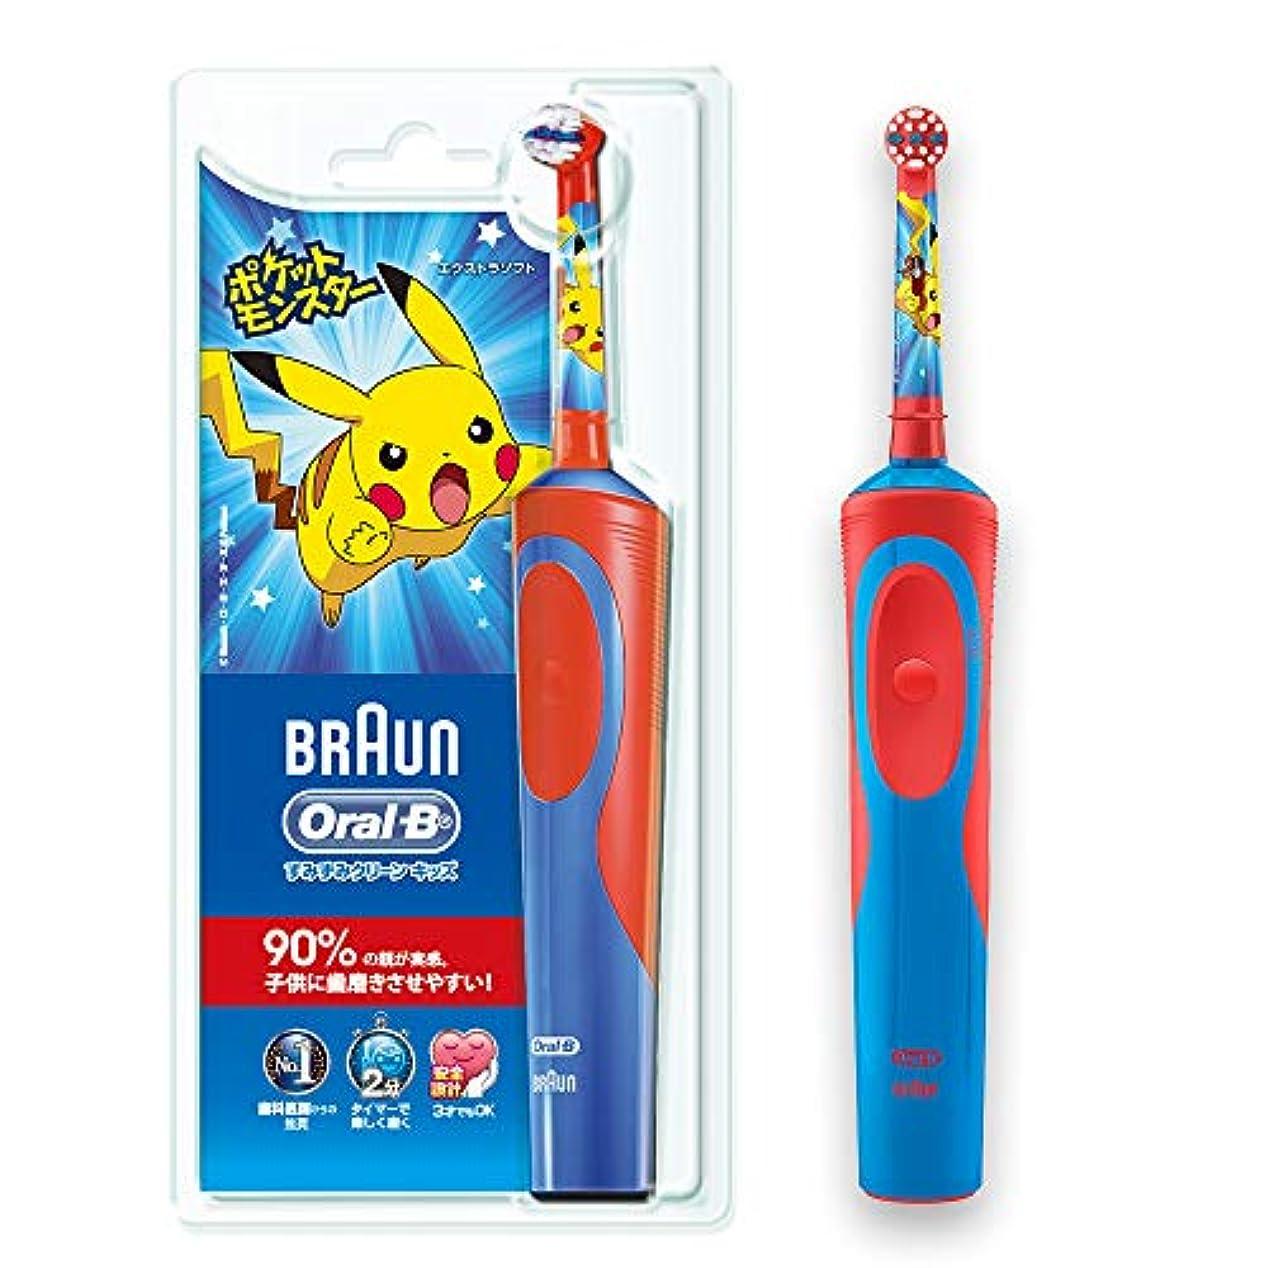 試み埋める心配するブラウン オーラルB 電動歯ブラシ 子供用 D12513KPKMB すみずみクリーンキッズ 本体 レッド ポケモン 歯ブラシ